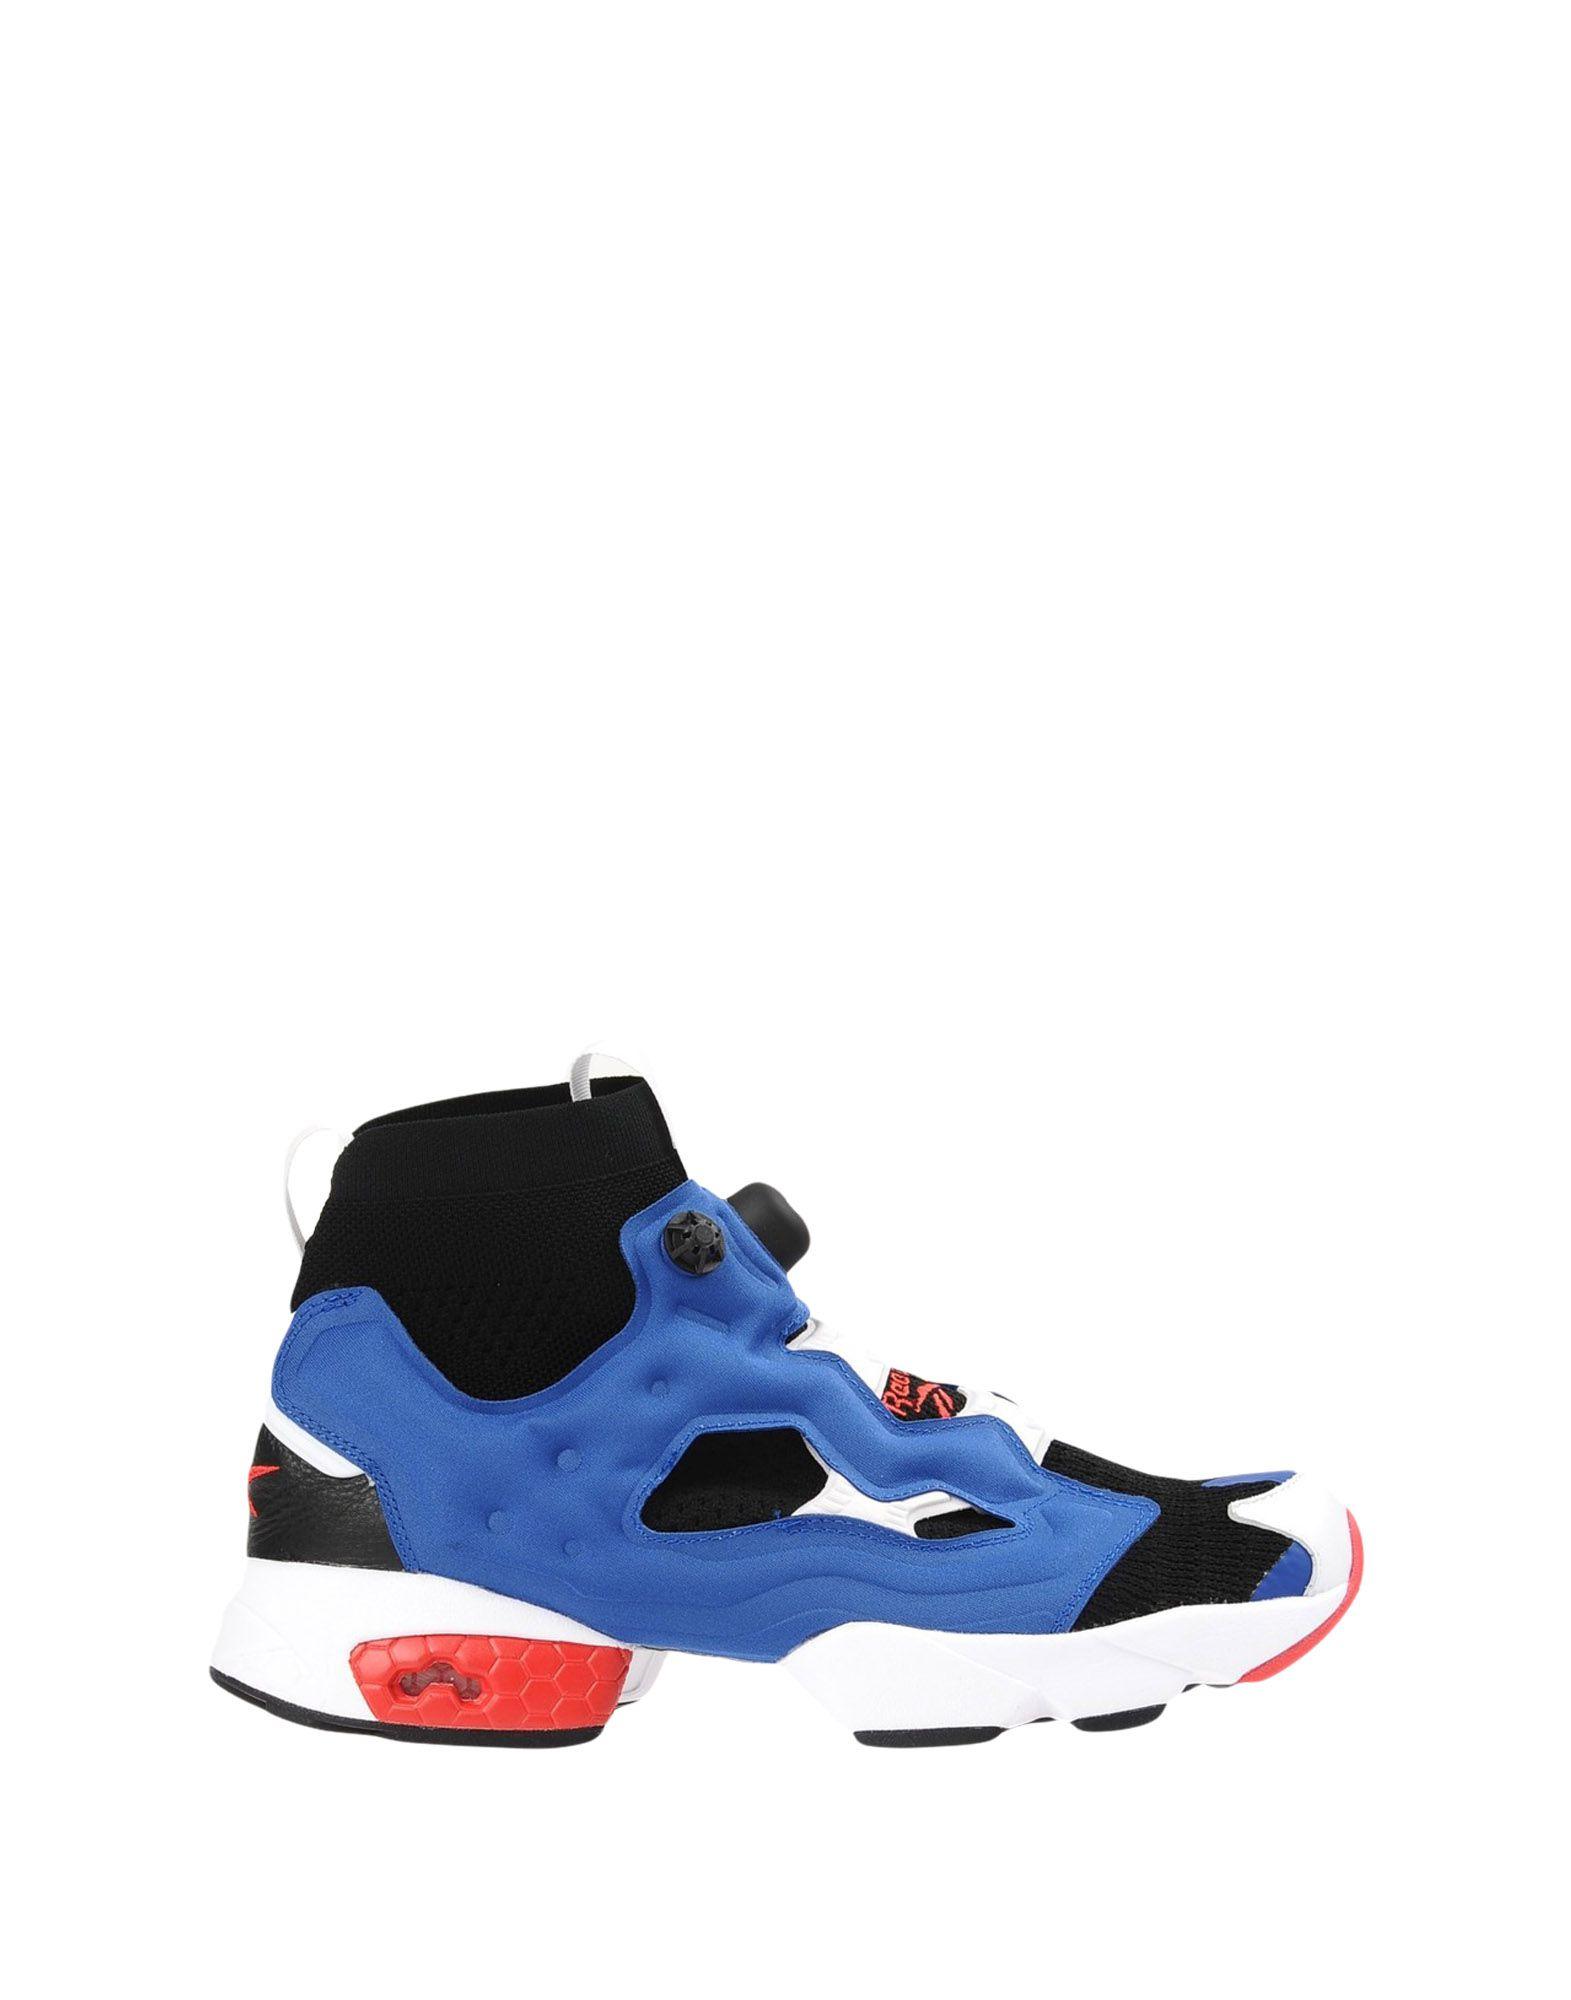 Sneakers Reebok Instapump Fury Og Ul - Homme - Sneakers Reebok sur